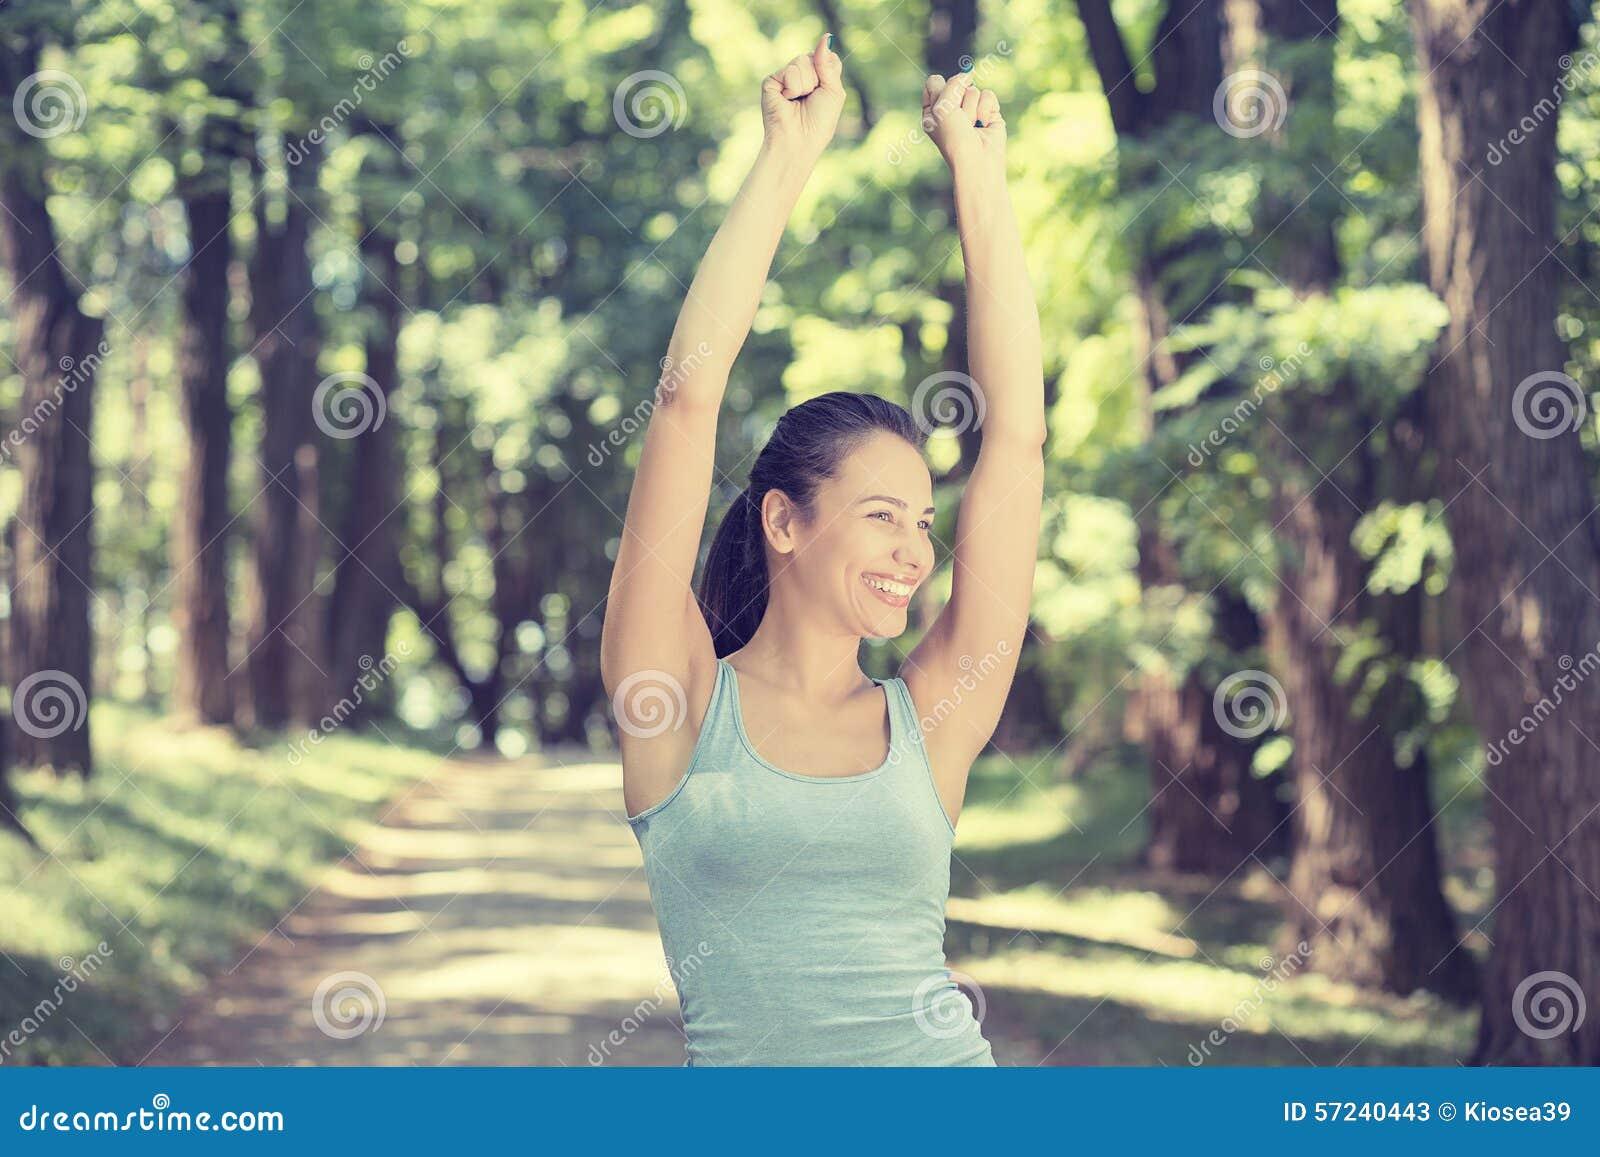 Os braços aptos da mulher aumentaram até o céu que comemora a liberdade